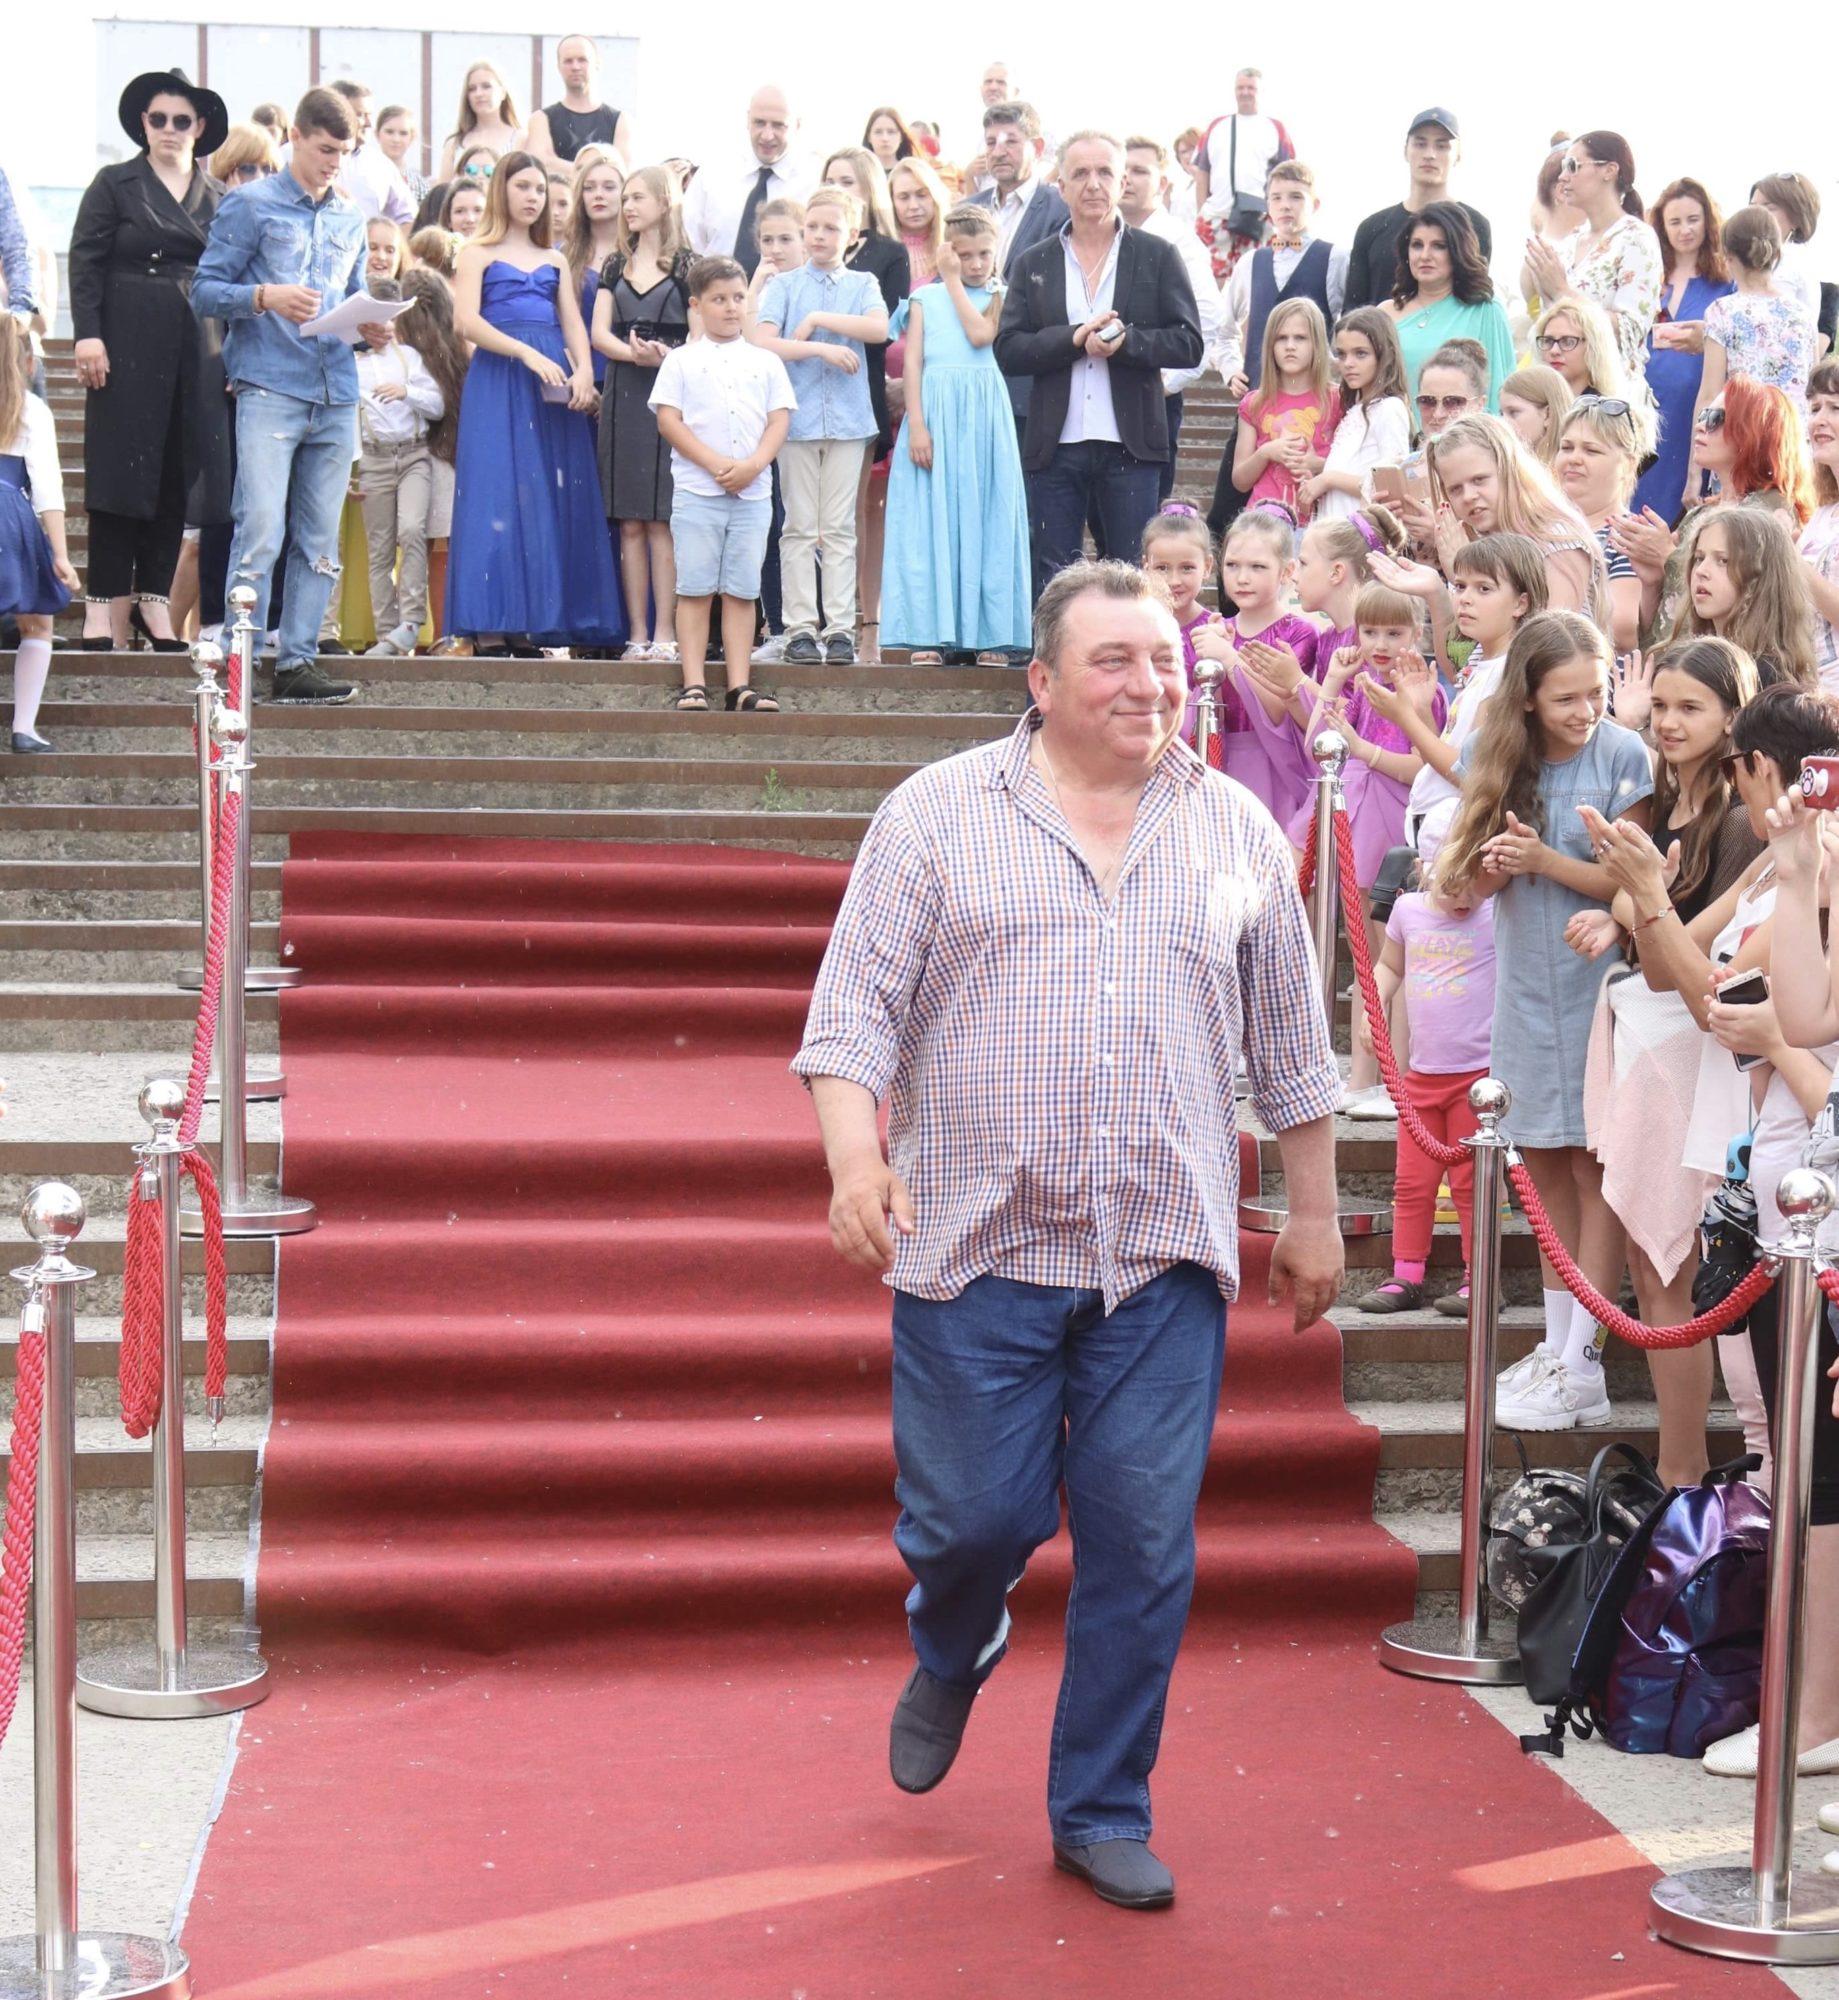 В Українці стартував міжнародний фестиваль «Золотий ключик» -  - C9D4CC46 0BD4 4A17 87D4 57C4B4814525 1839x2000